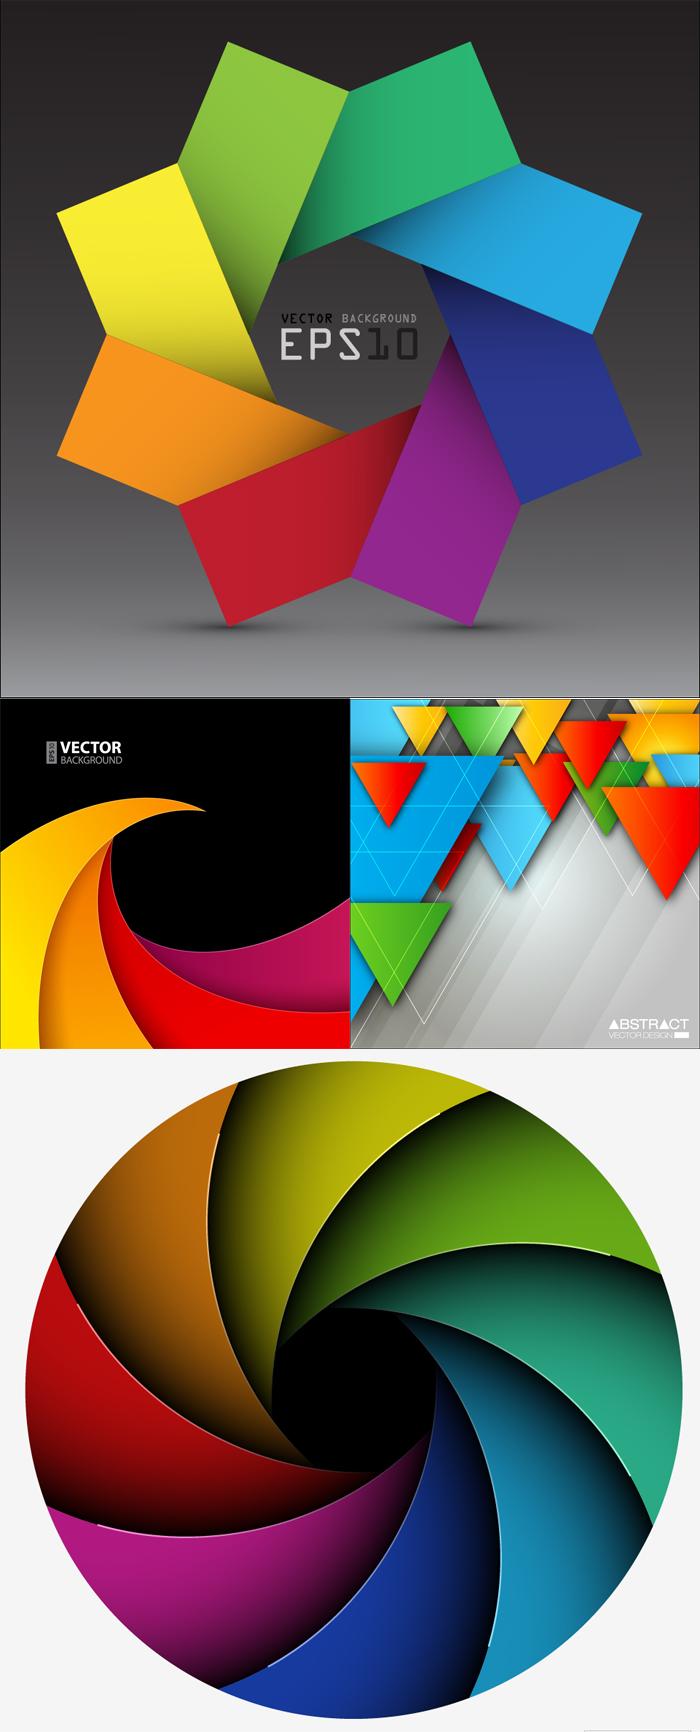 炫彩几何图形背景矢量素材